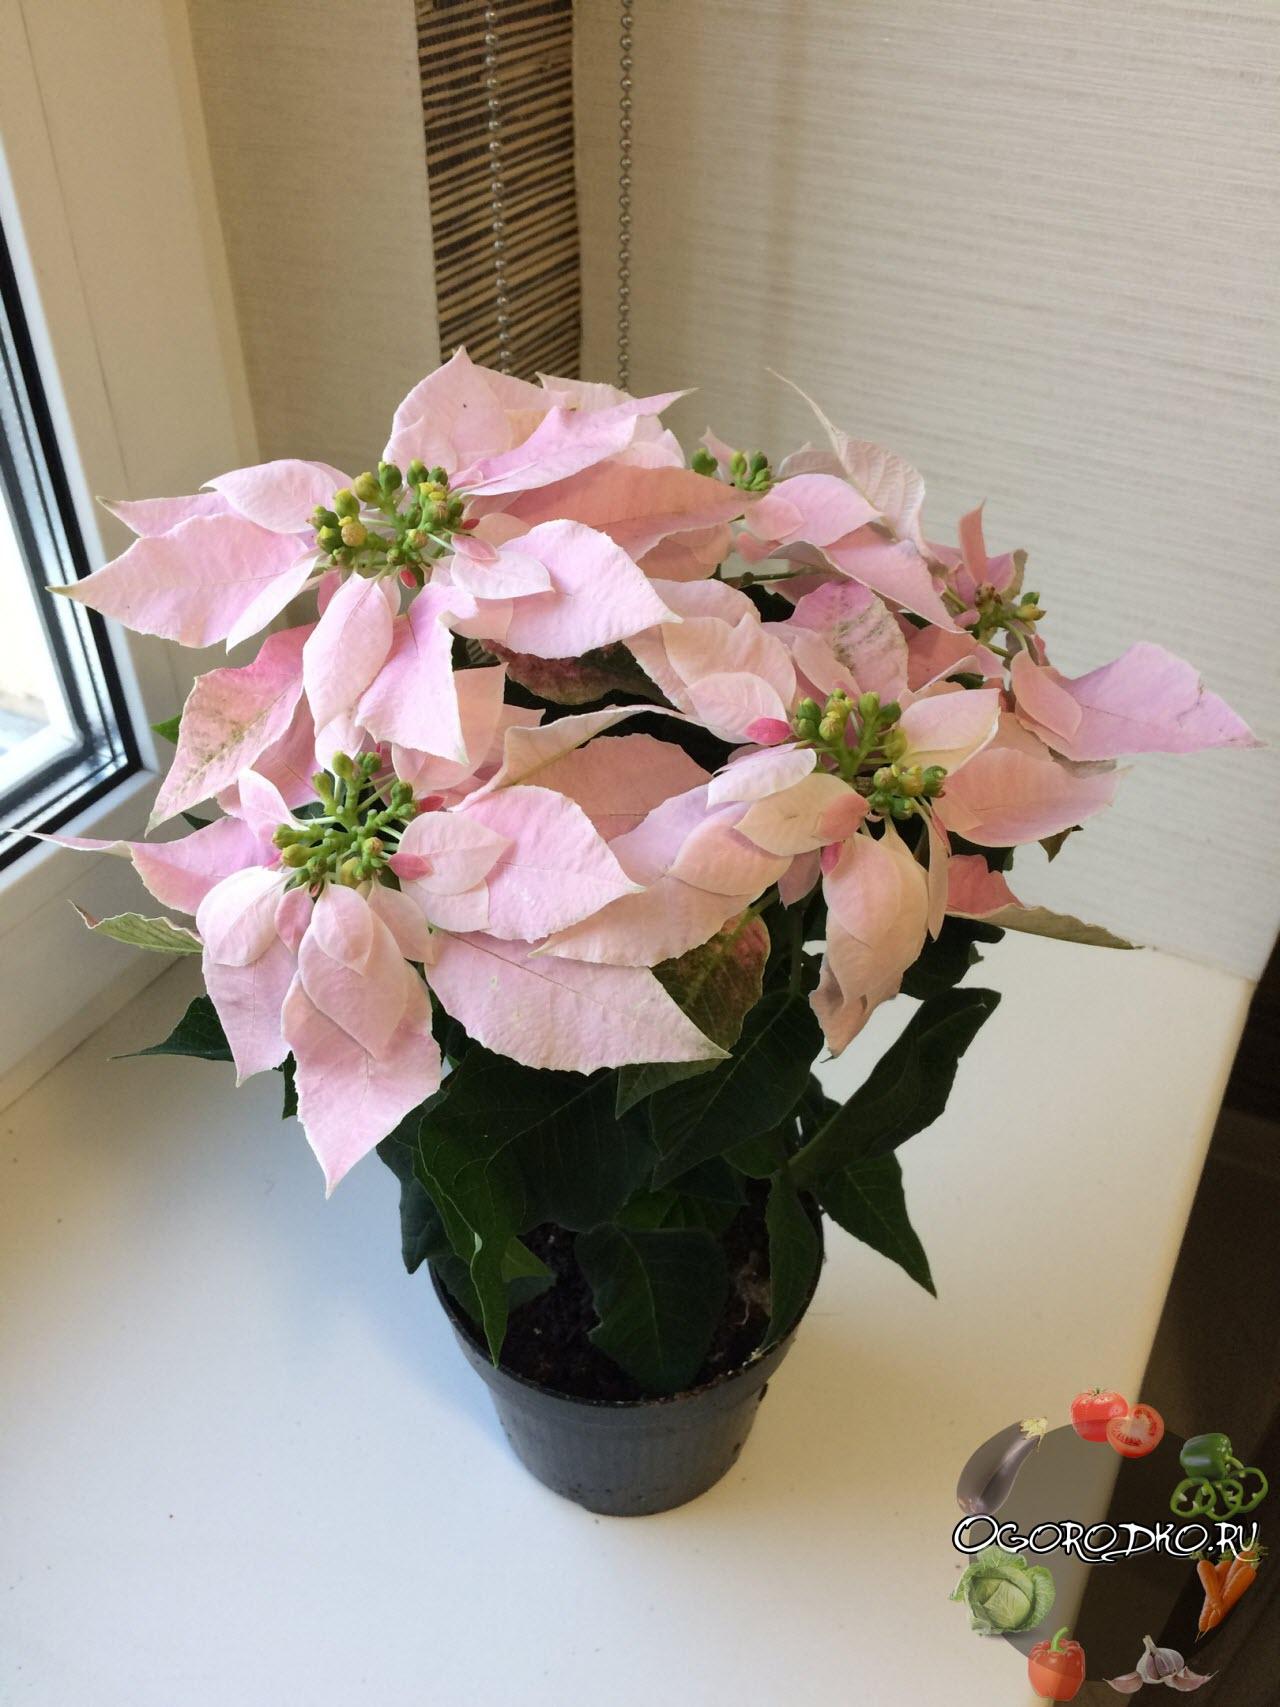 Пуансеттия цветет - фото